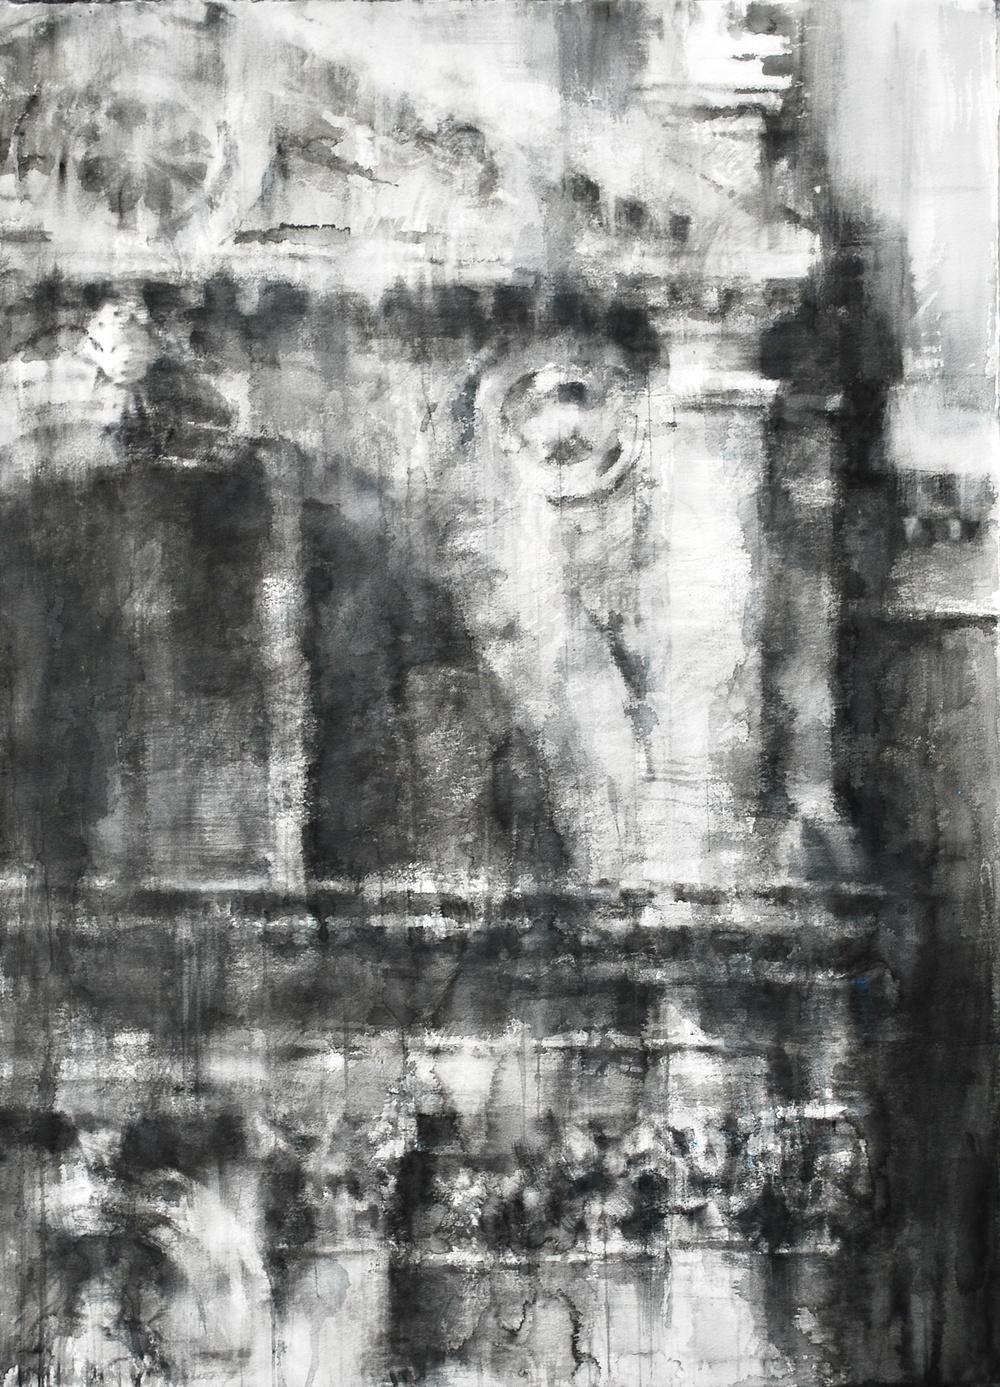 Santa Maria Della Salute III, 45x32 inches